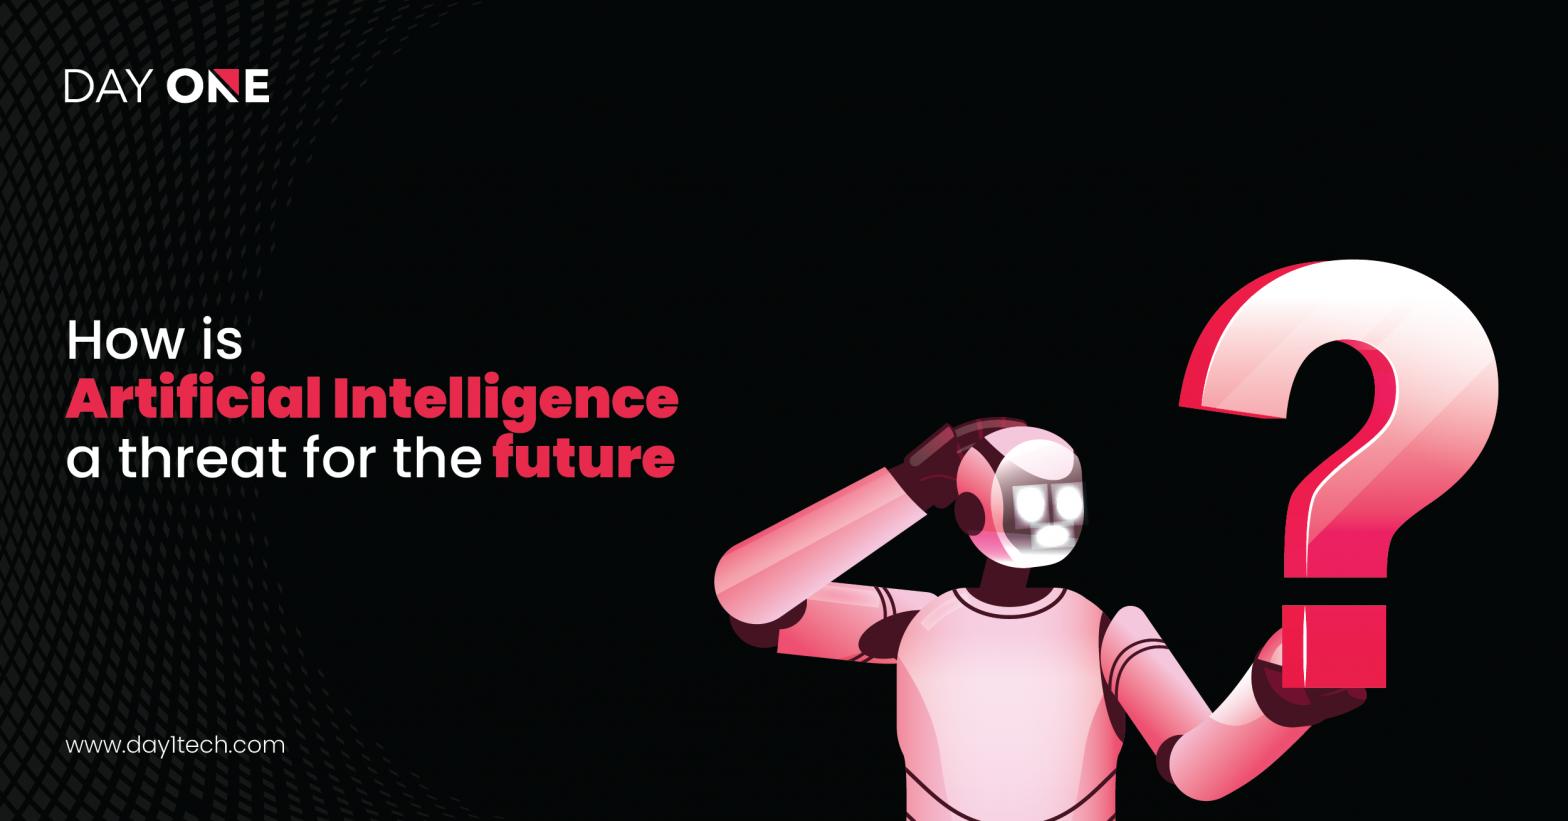 AI is a Threat?